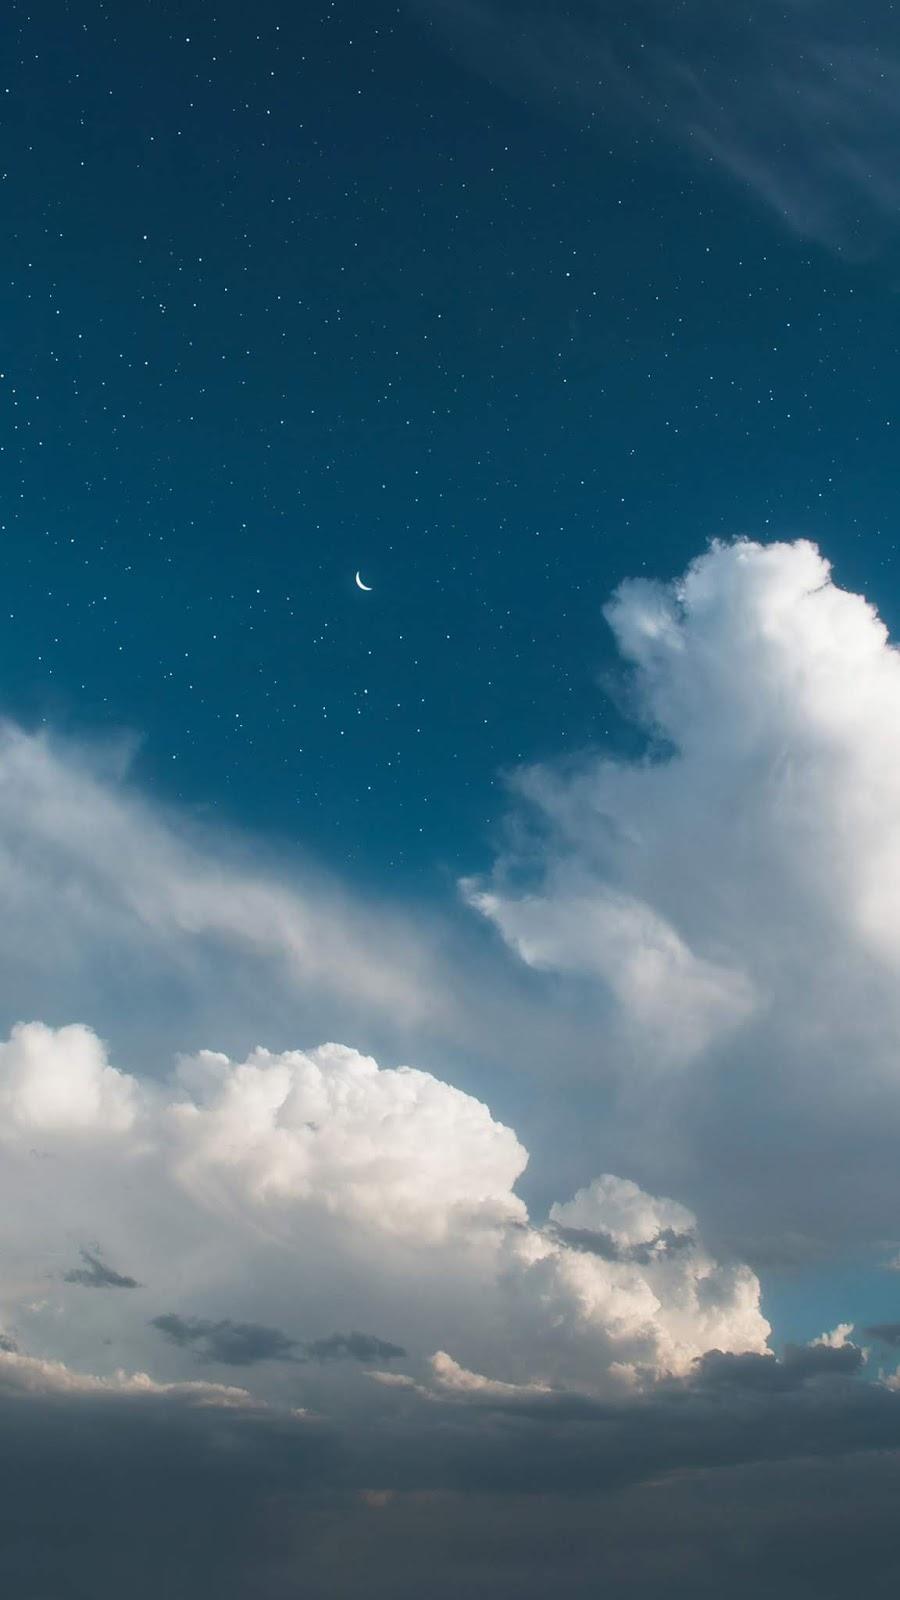 Mặt trăng khuyết trên bầu trời sao